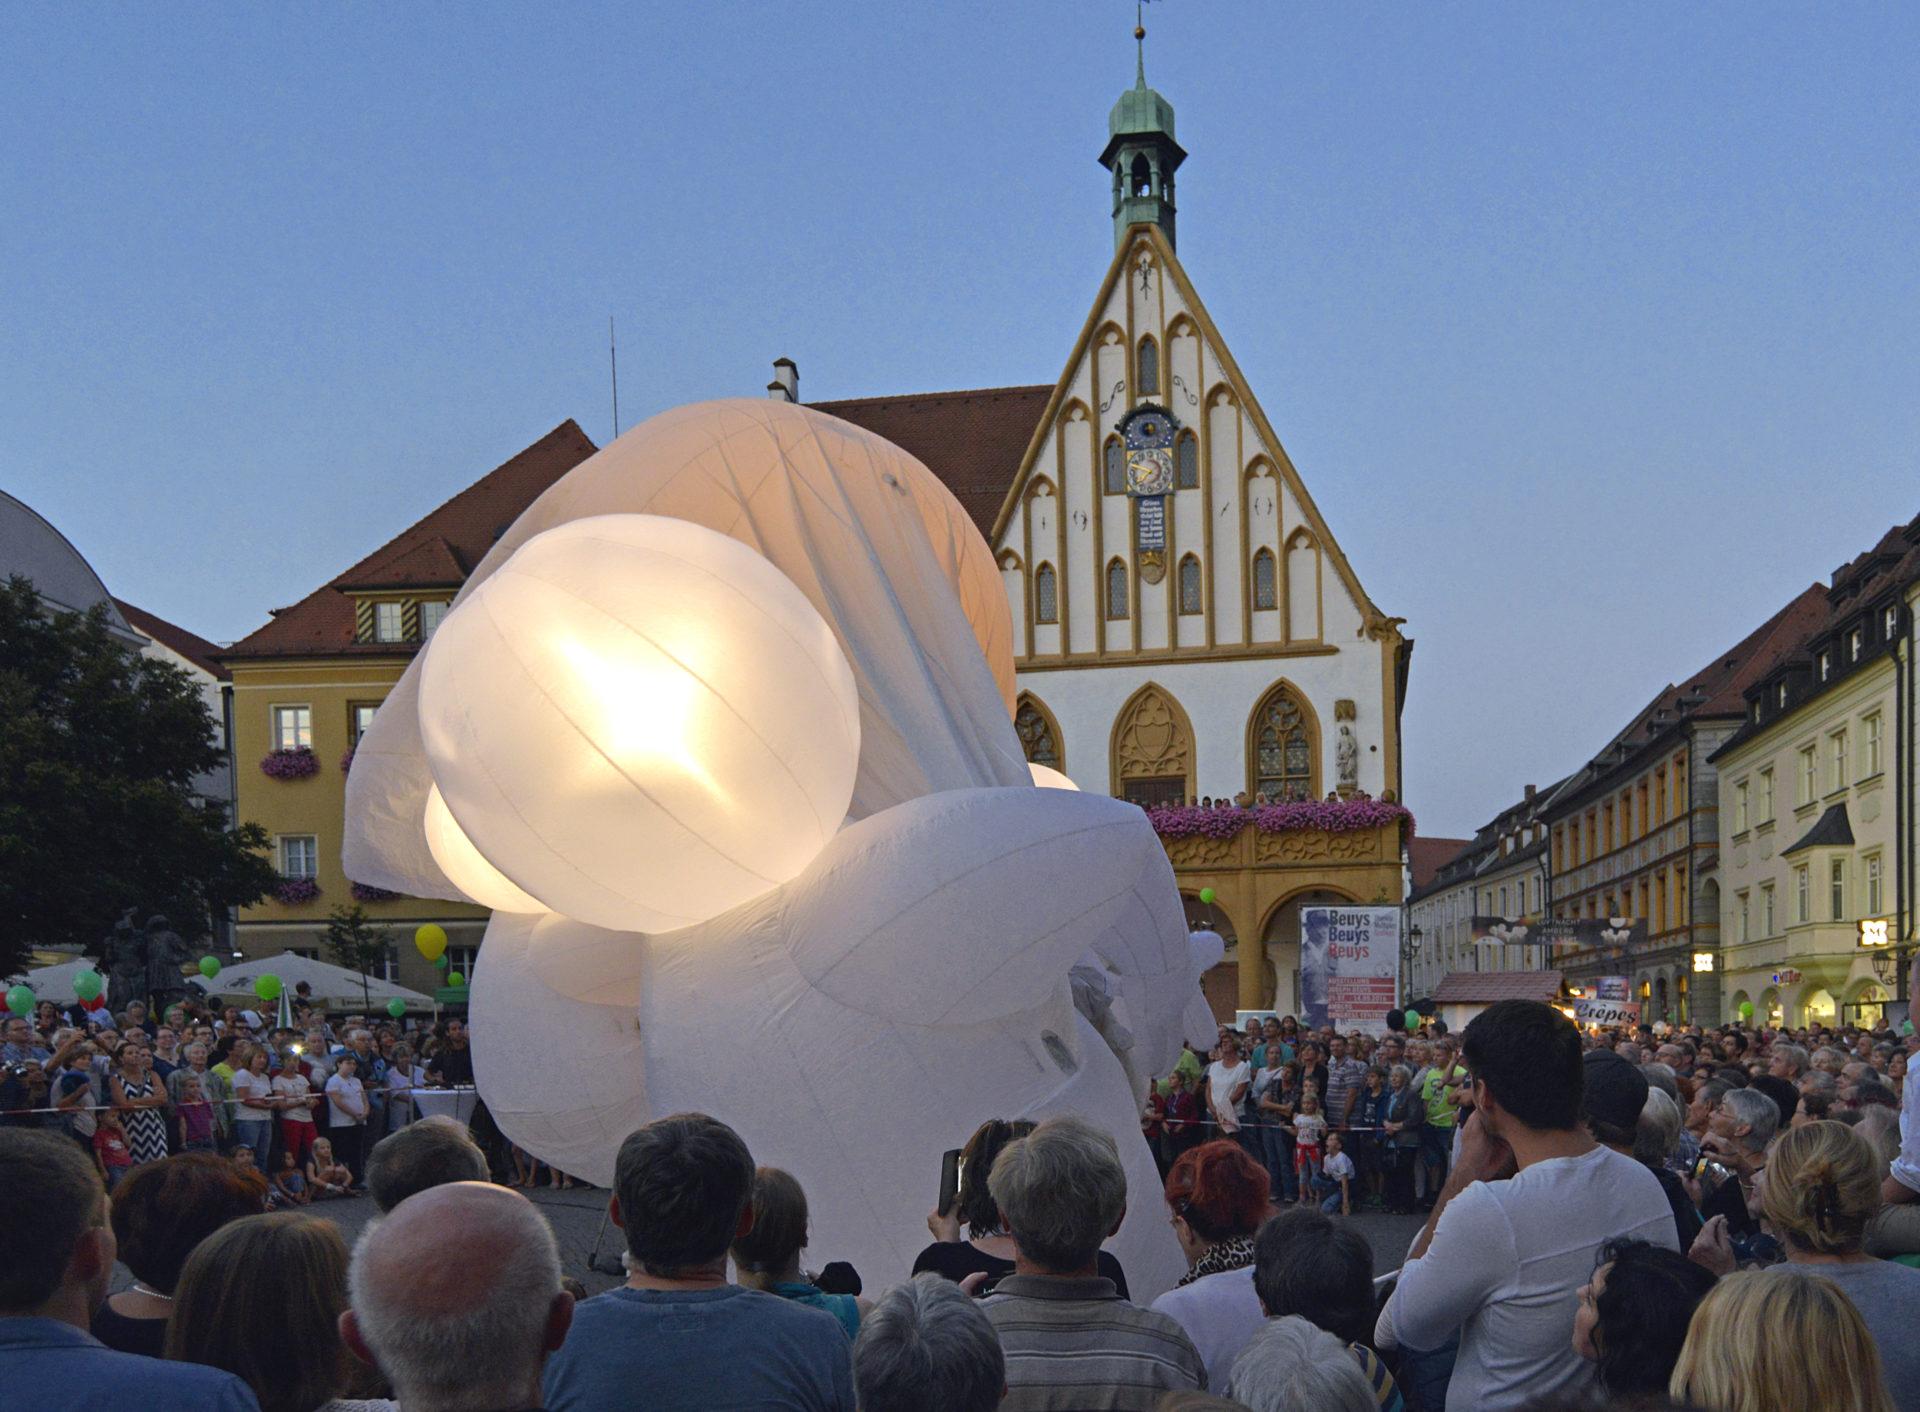 Luftnacht in Amberg